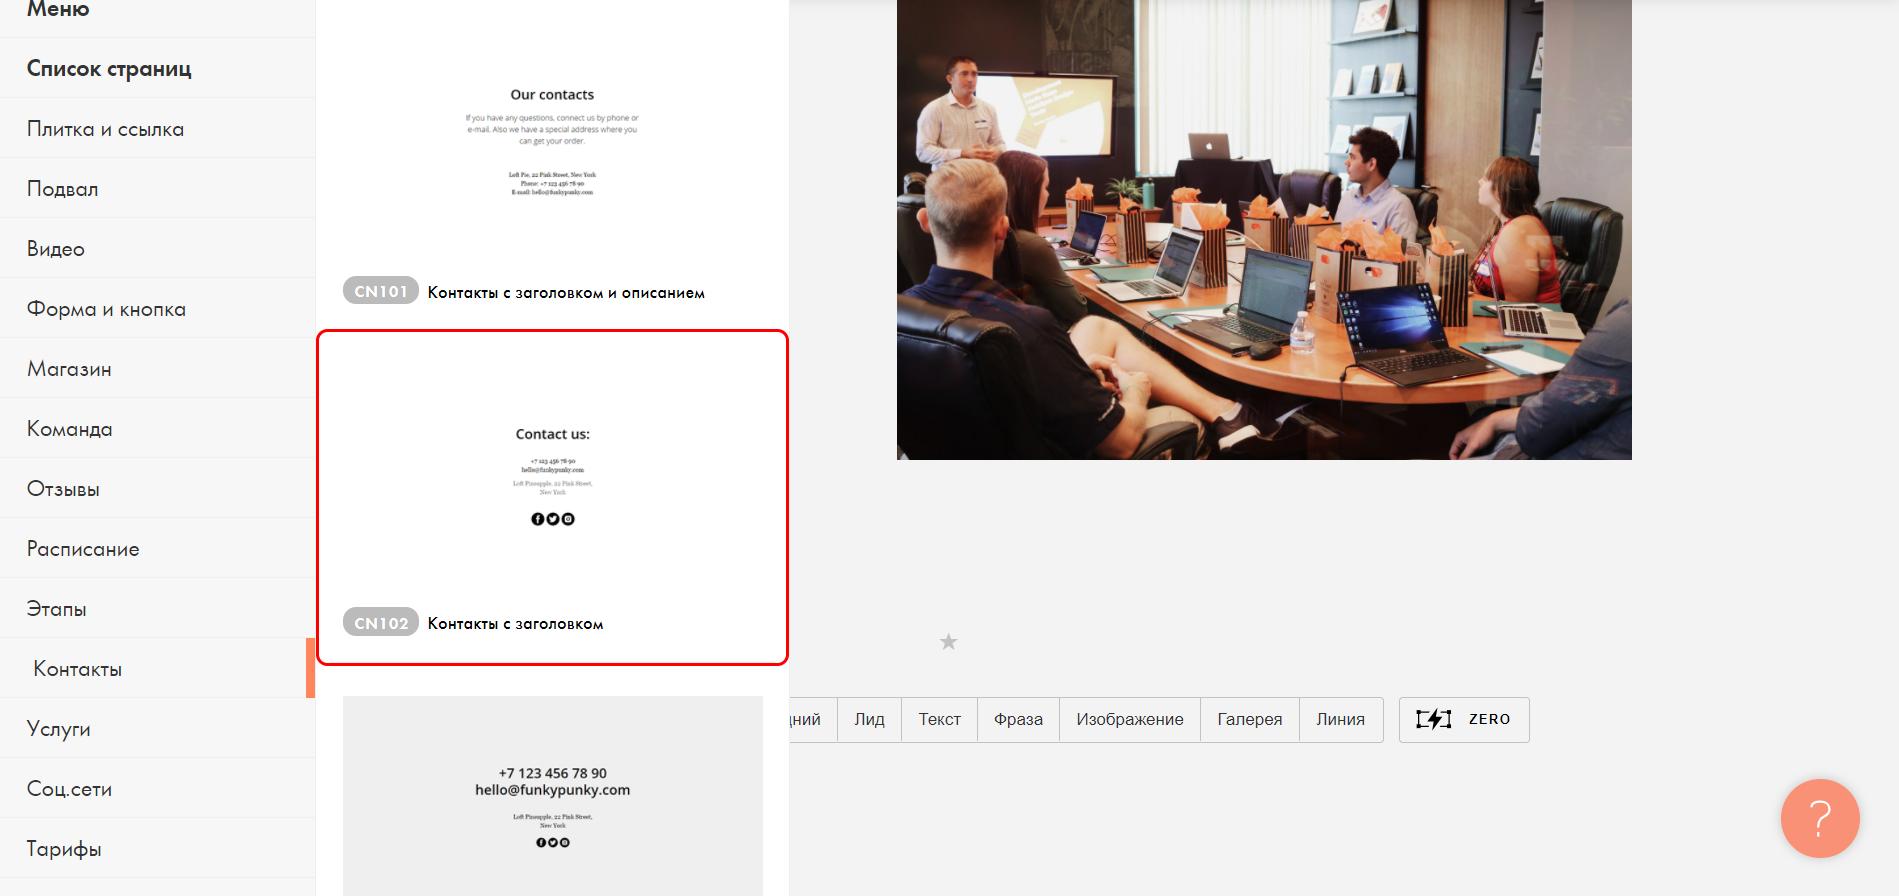 Как создать сайт-визитку на Тильде